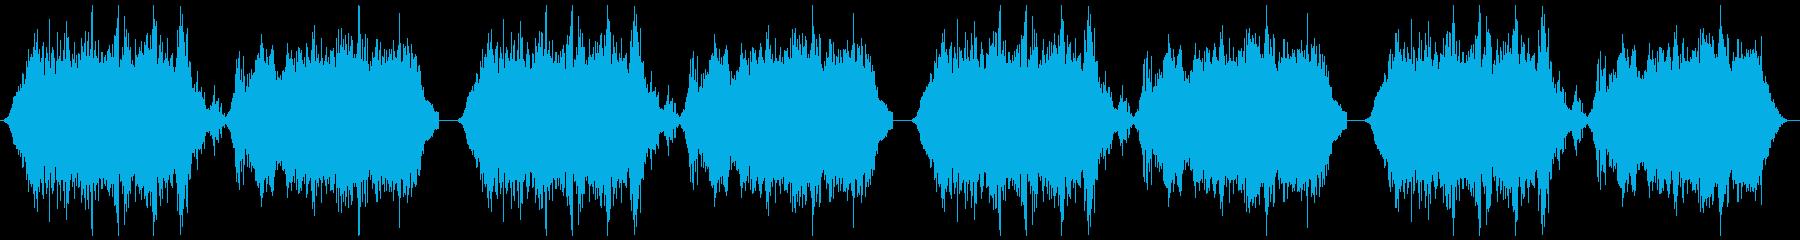 心霊写真 恐怖映像 ホラーゲーム用BGMの再生済みの波形